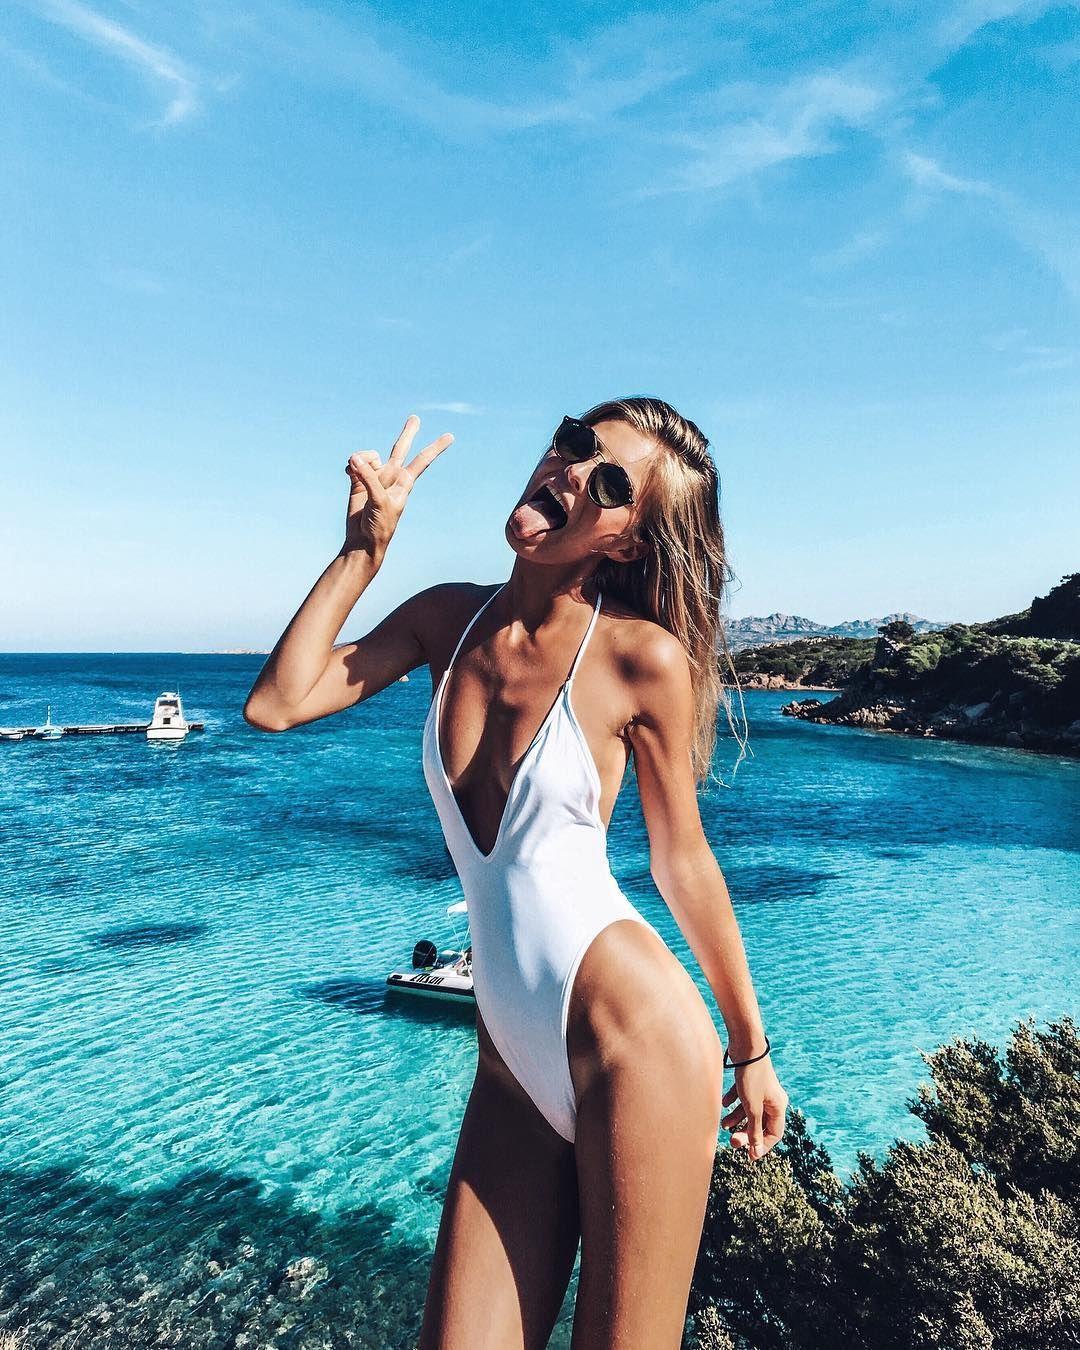 Bikini Debi Flugge nude photos 2019